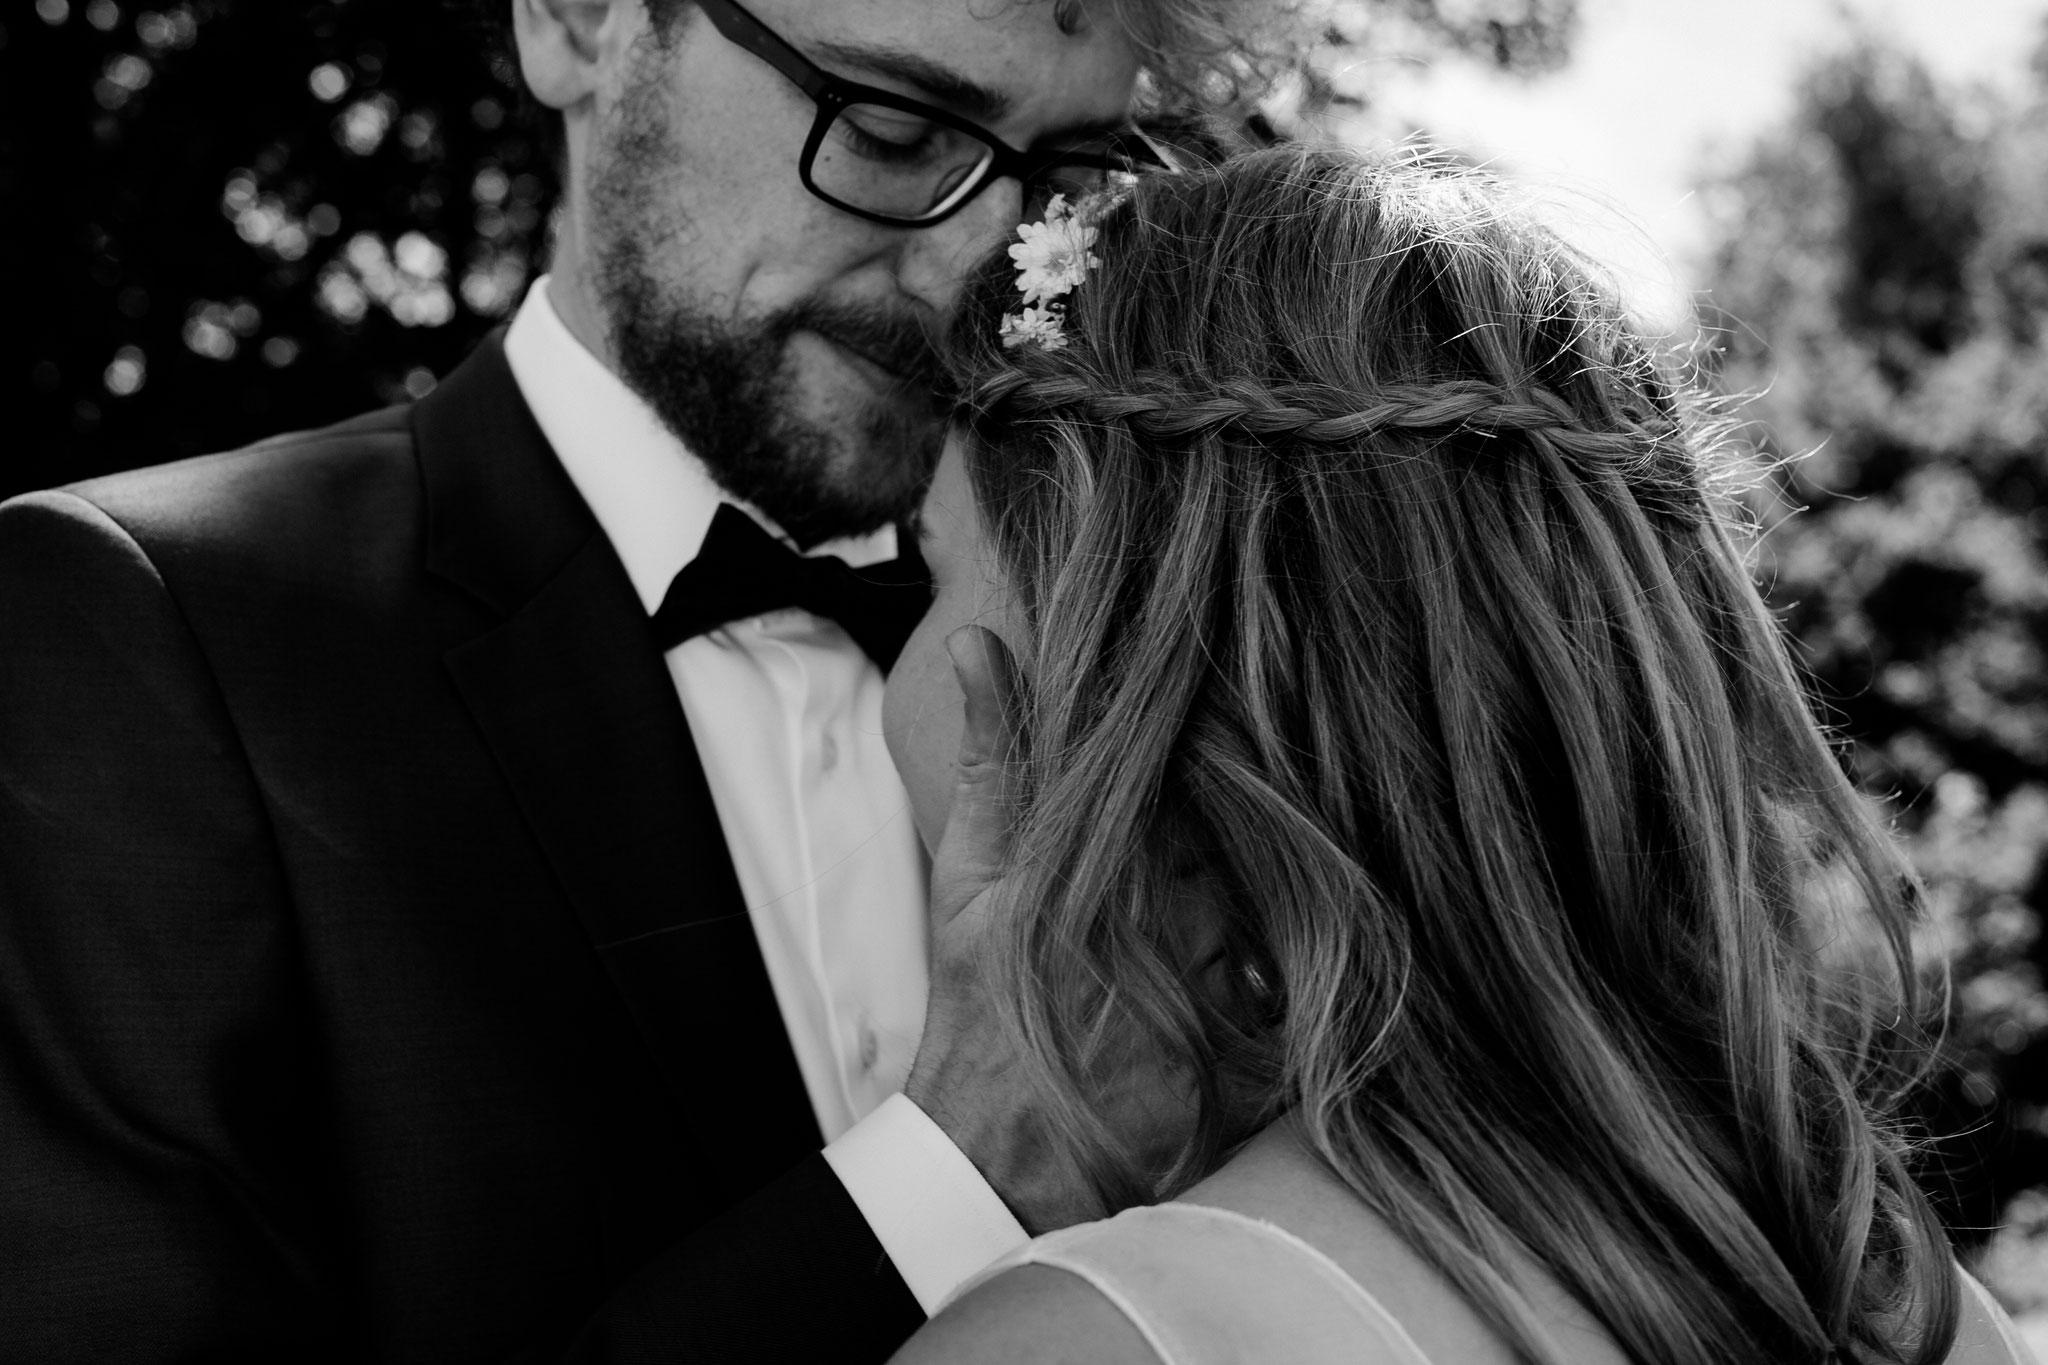 | Hochzeitsfotografin Rebecca Adloff Ruhrgebiet, Münster, Essen, Düsseldorf, NRW, Oberhausen |Hochzeitsreportage |Hochzeitsfotos | Paarshooting |Blumenkranz |